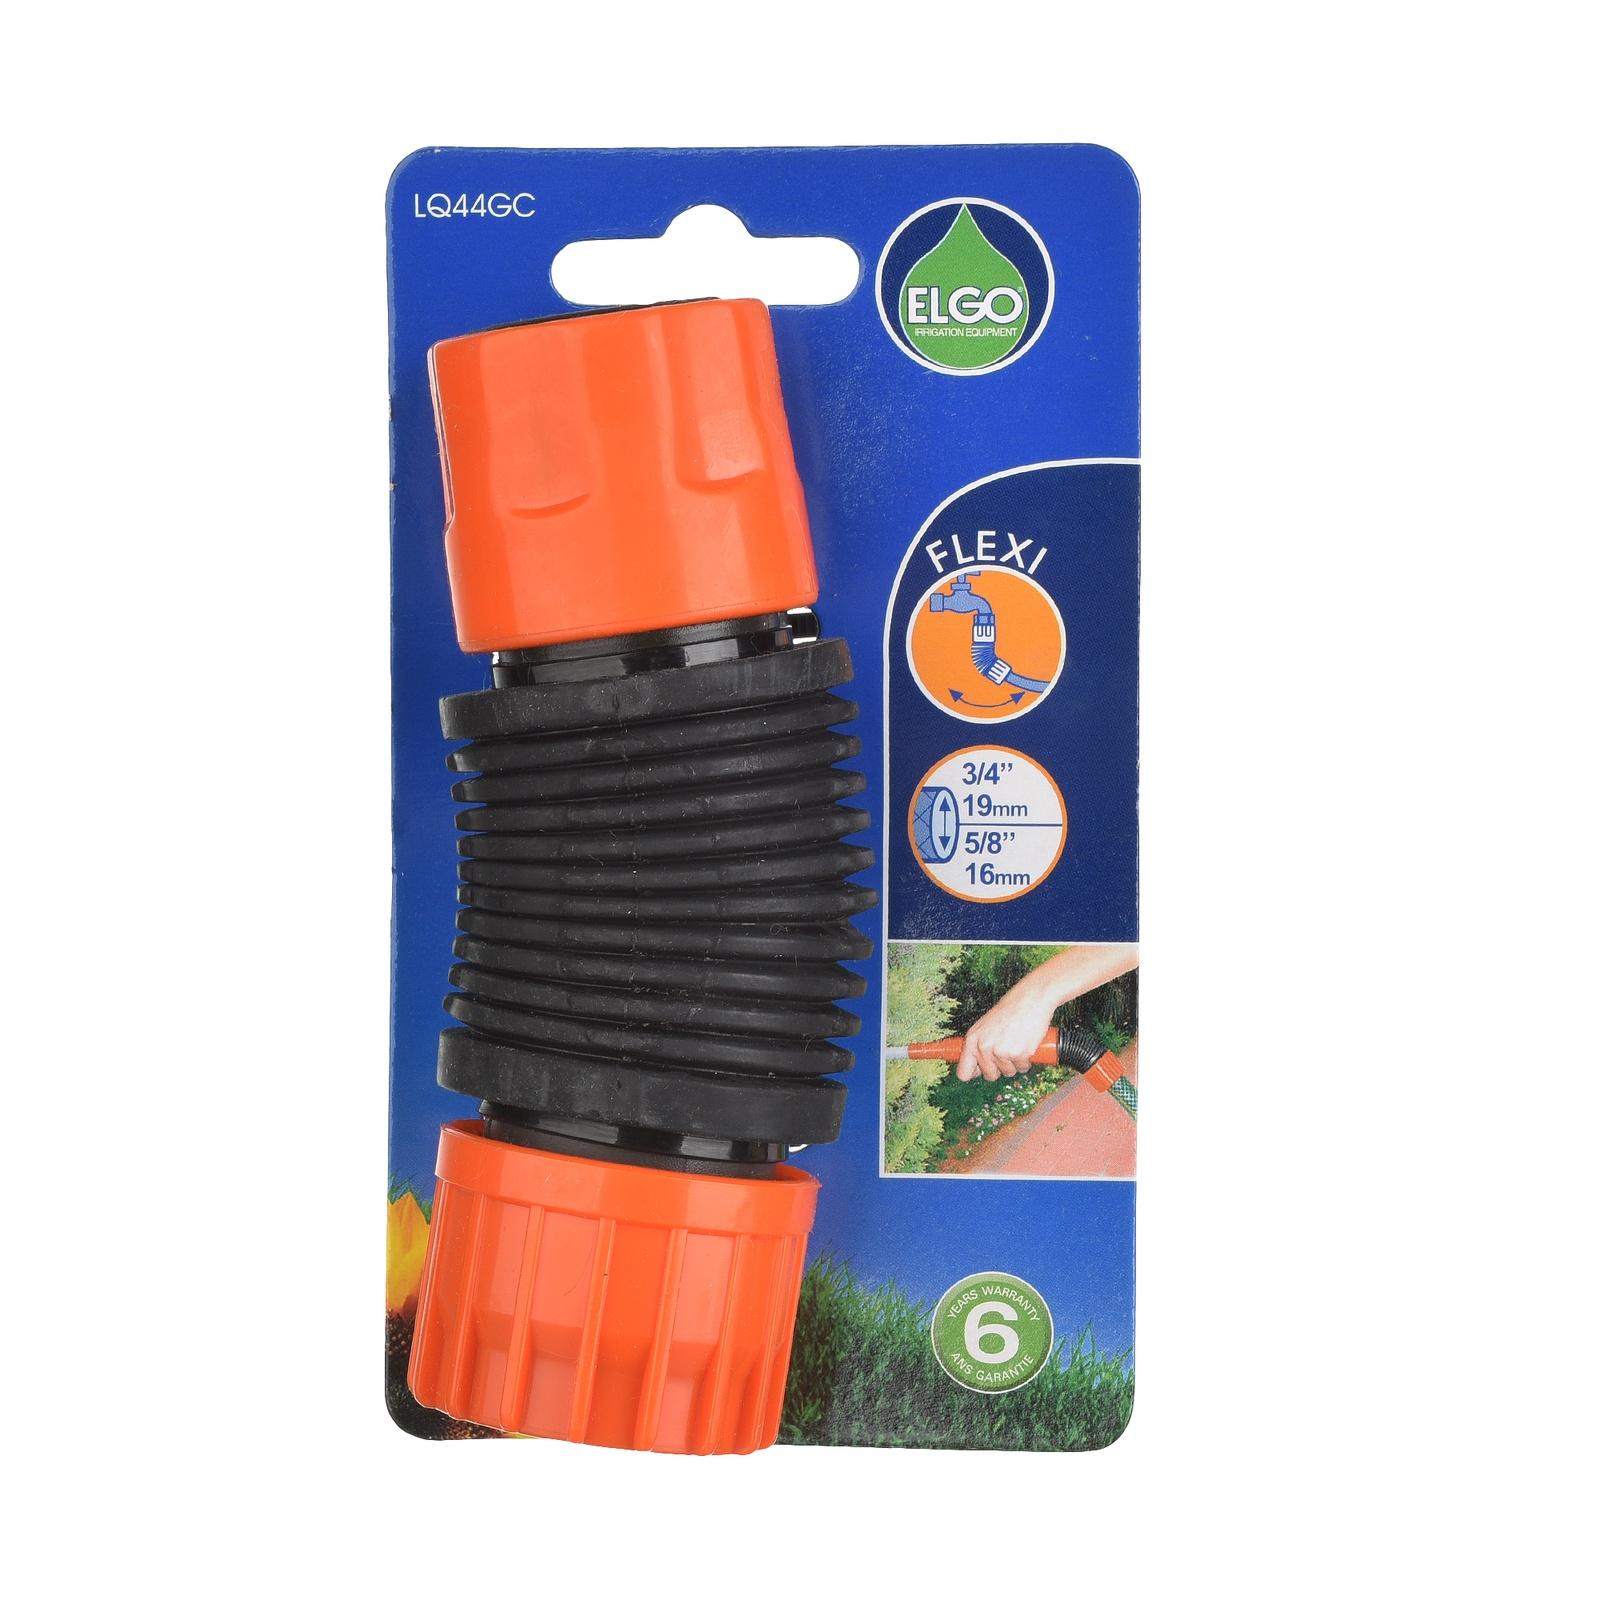 Коннектор шланга ELGO LQ44GC, оранжевый